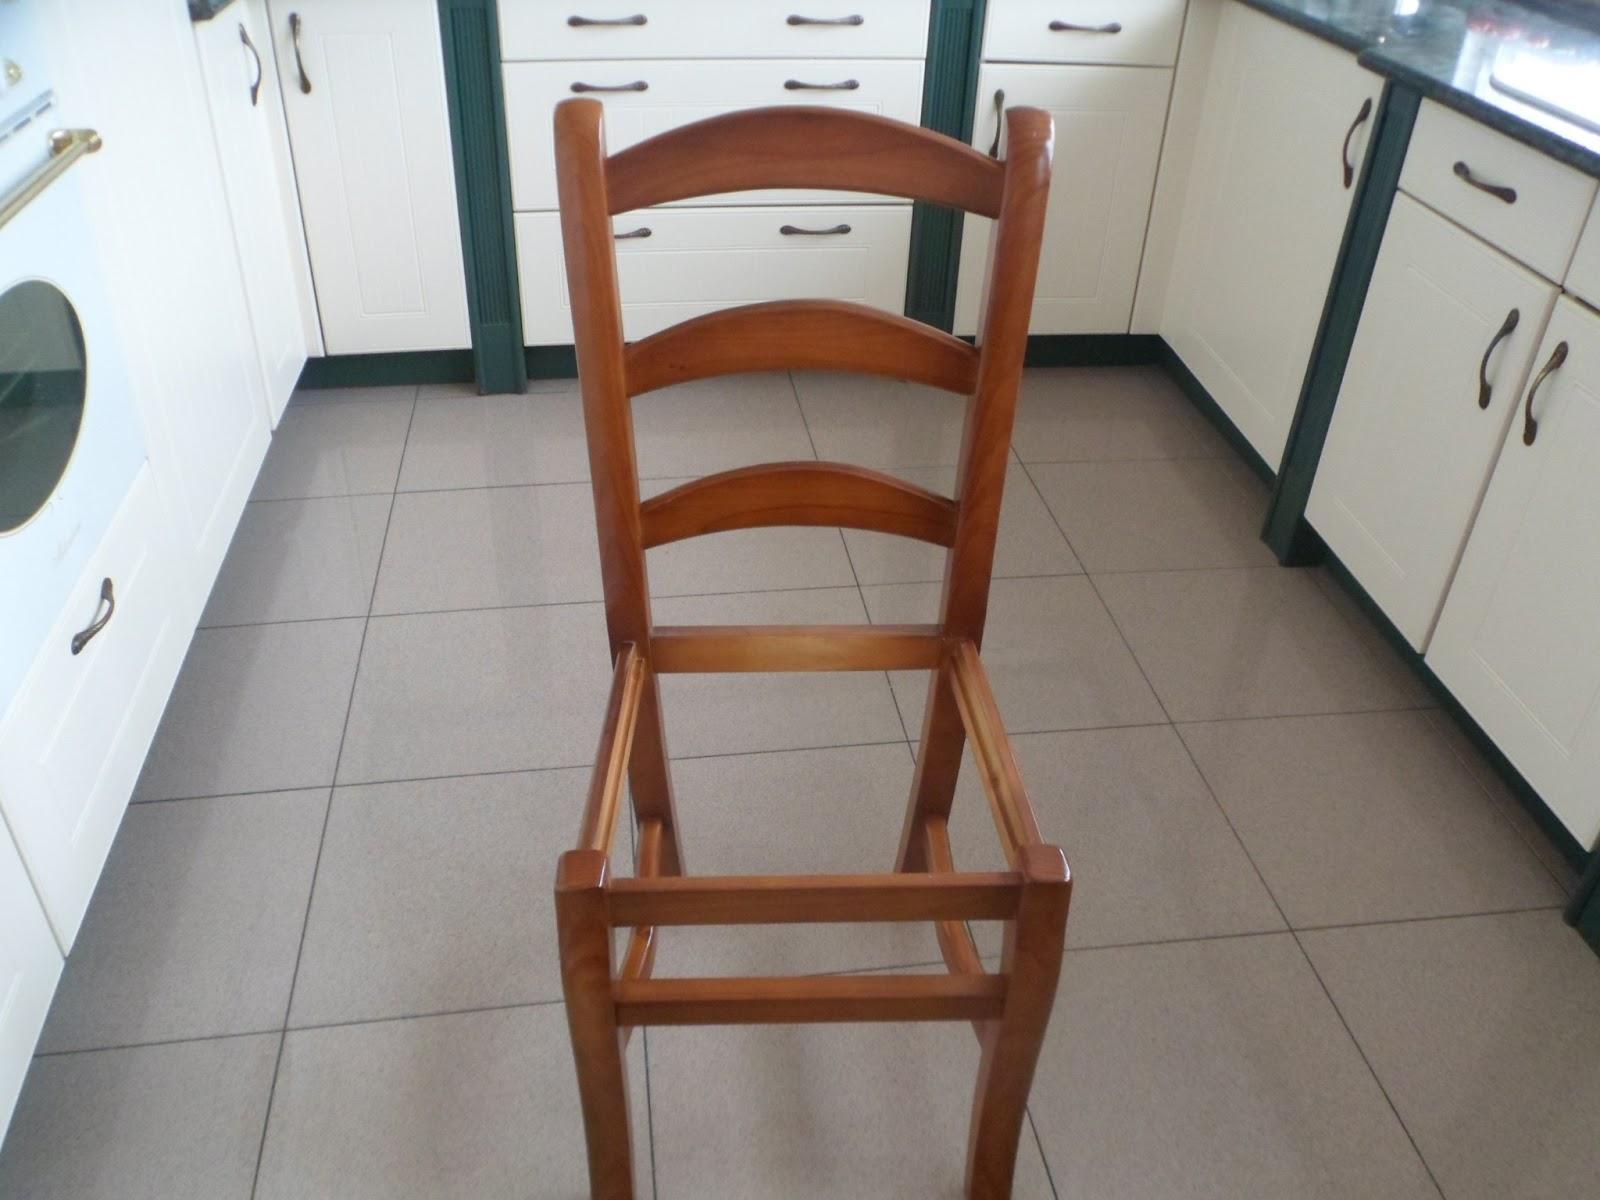 Tapizar sillas asientos for Tapizar sillas de madera